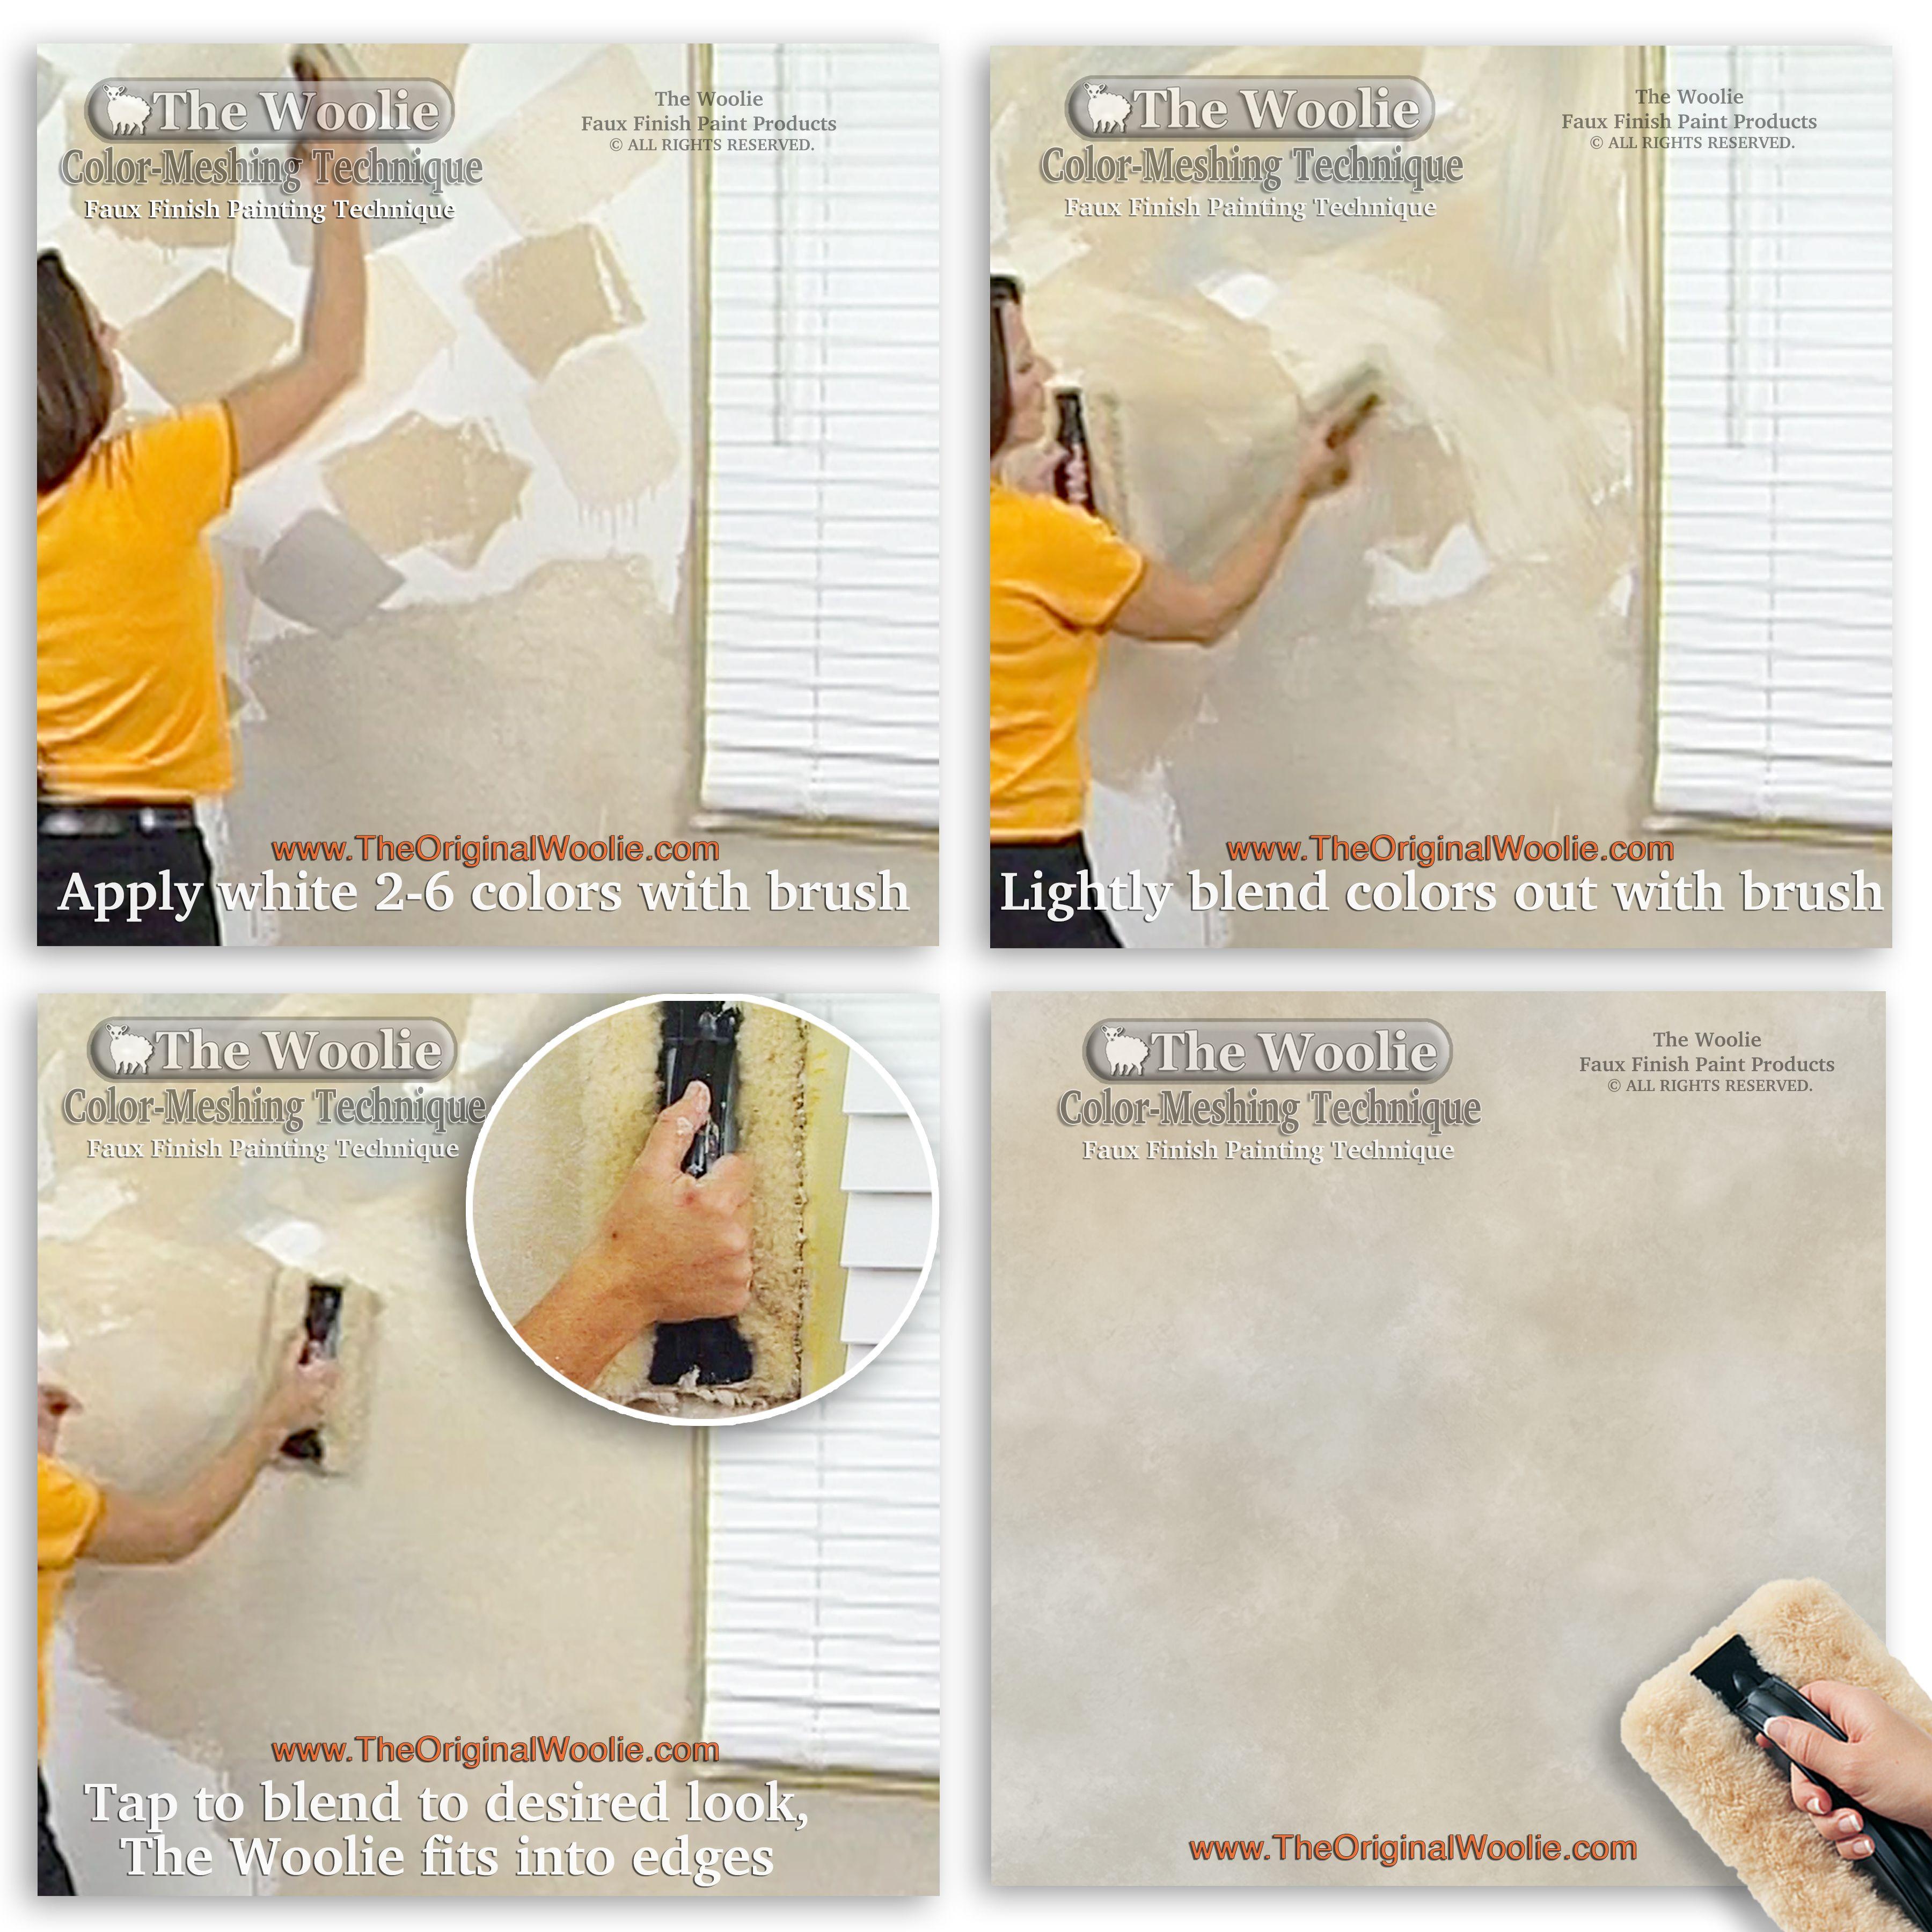 Original faux finish paint technique starter kit sponge for How to sponge paint a wall without glaze